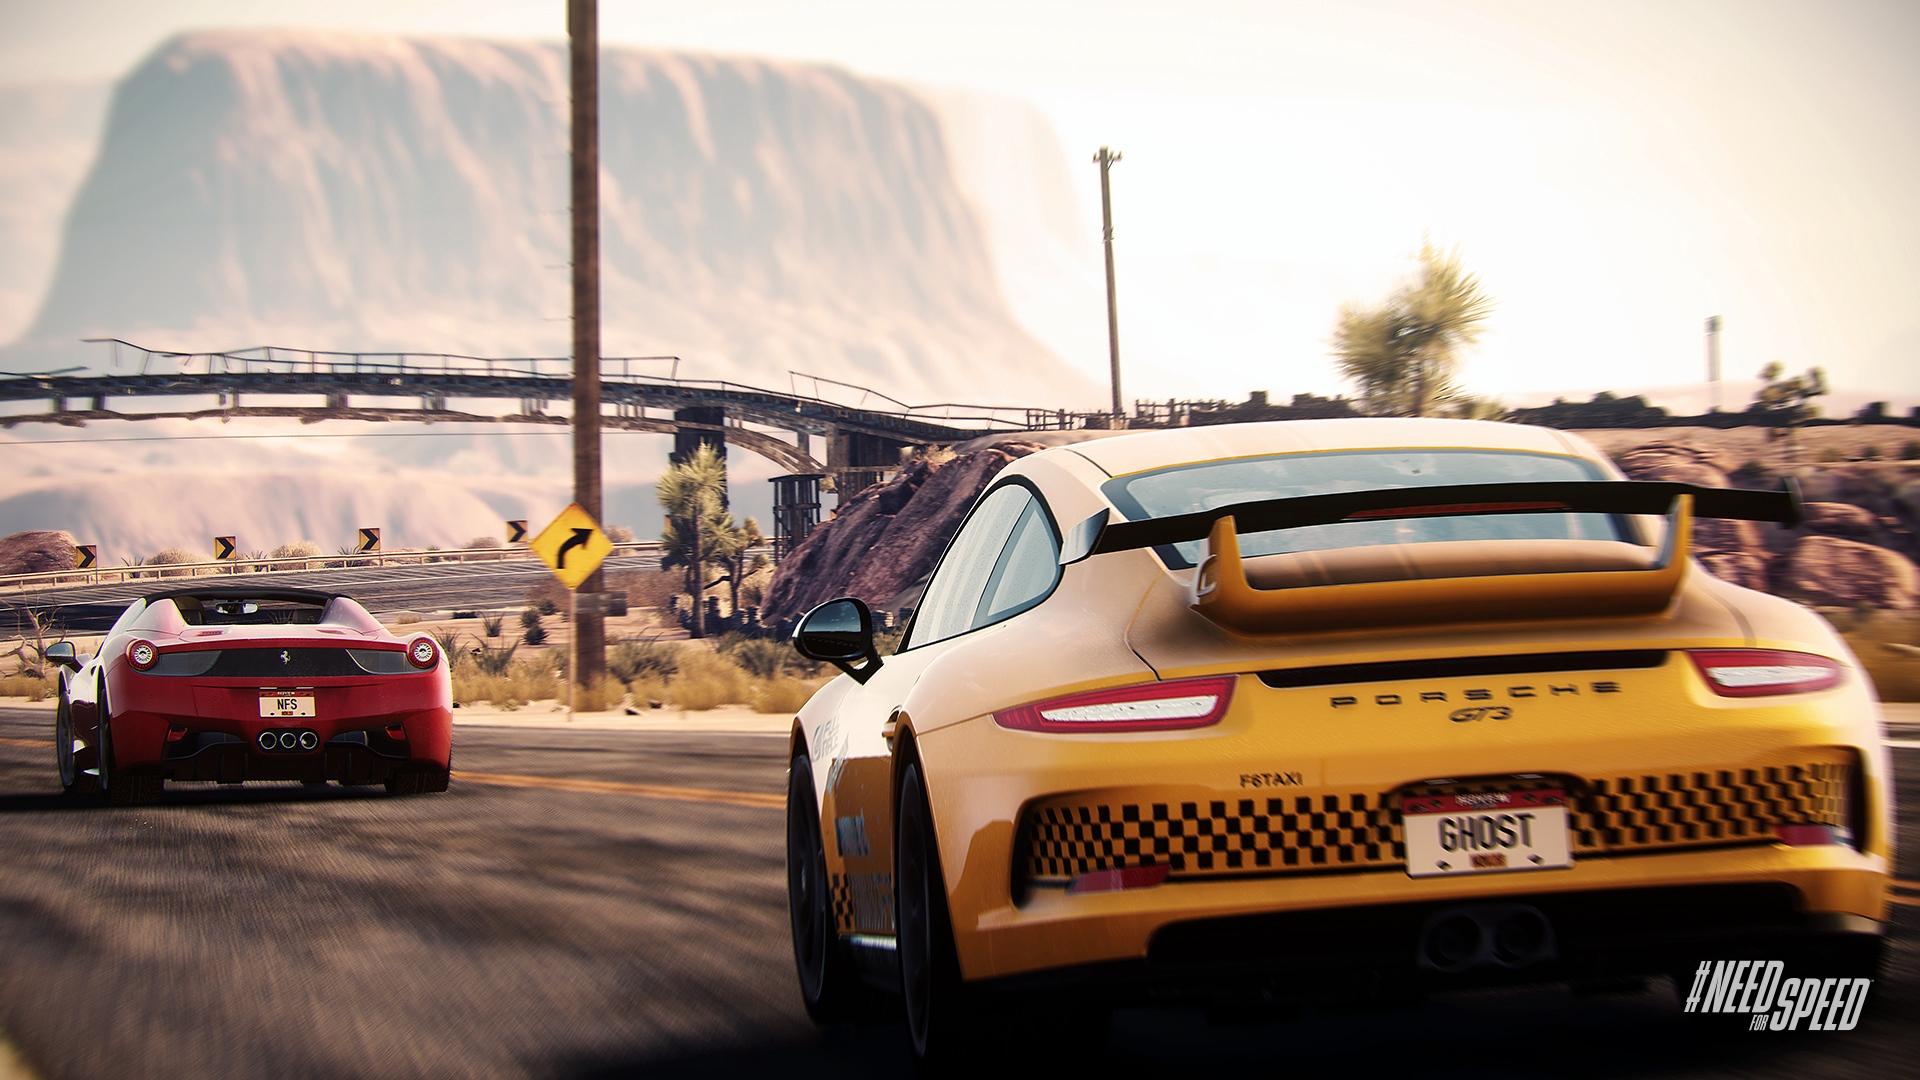 Совсем скоро состоится анонс новой Need for Speed